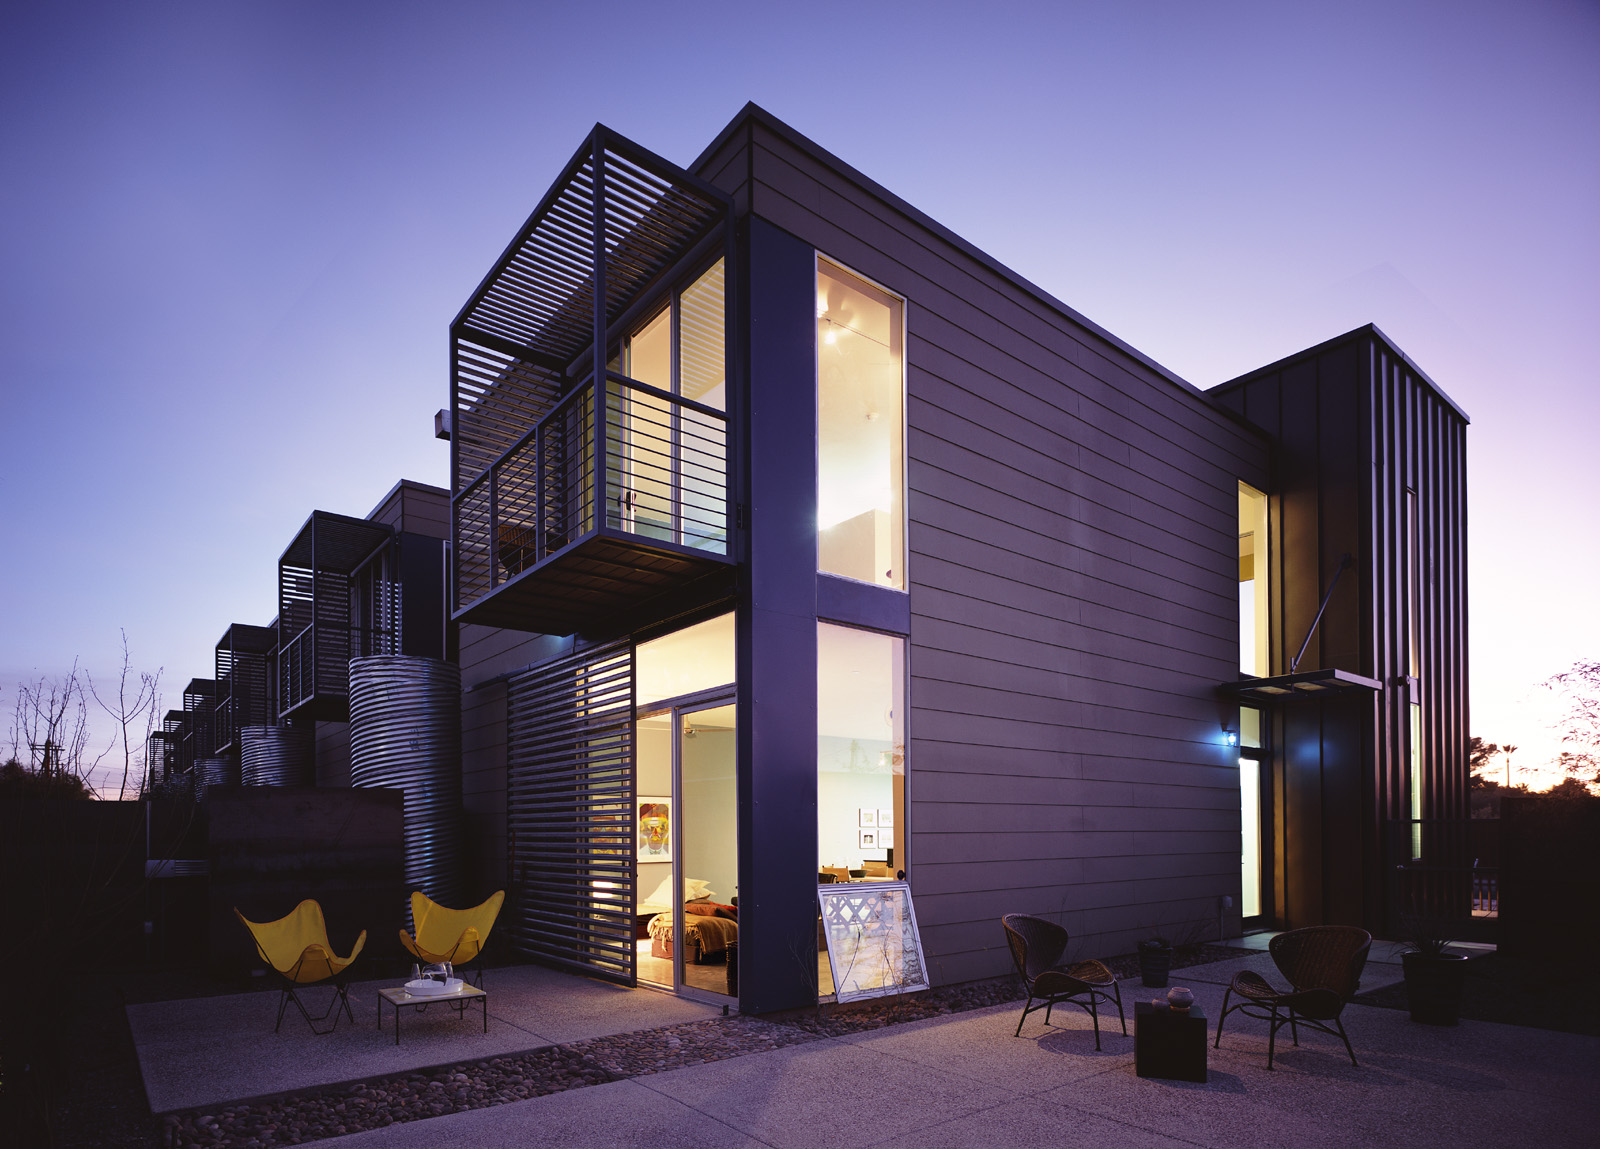 Indigo Modern, Rob Paulus Architects